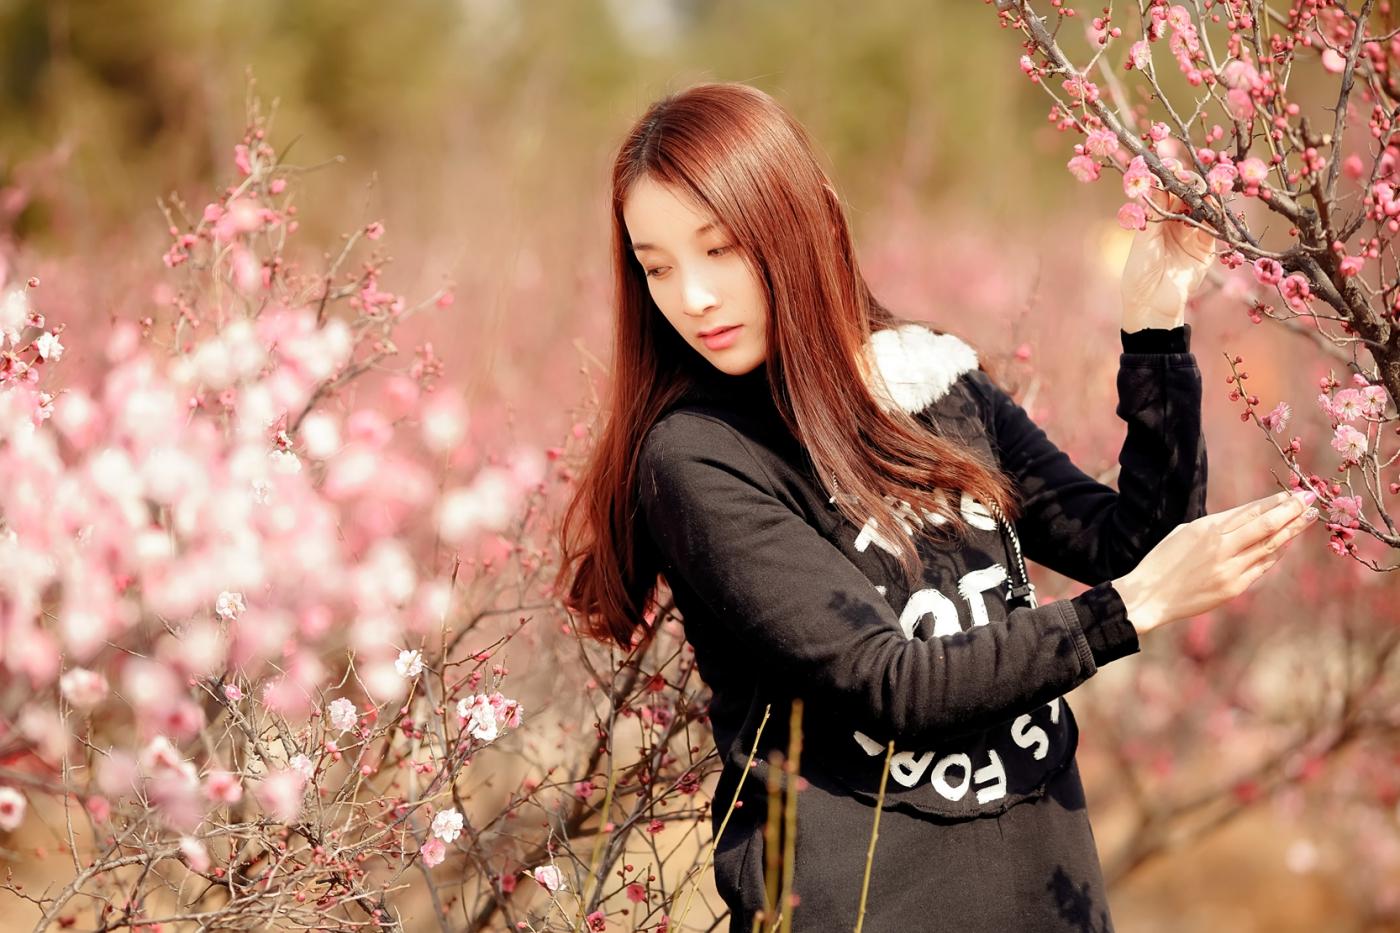 费县的春天从鲜花烂漫的梅林和女孩张诗奇的偶遇开始_图1-3